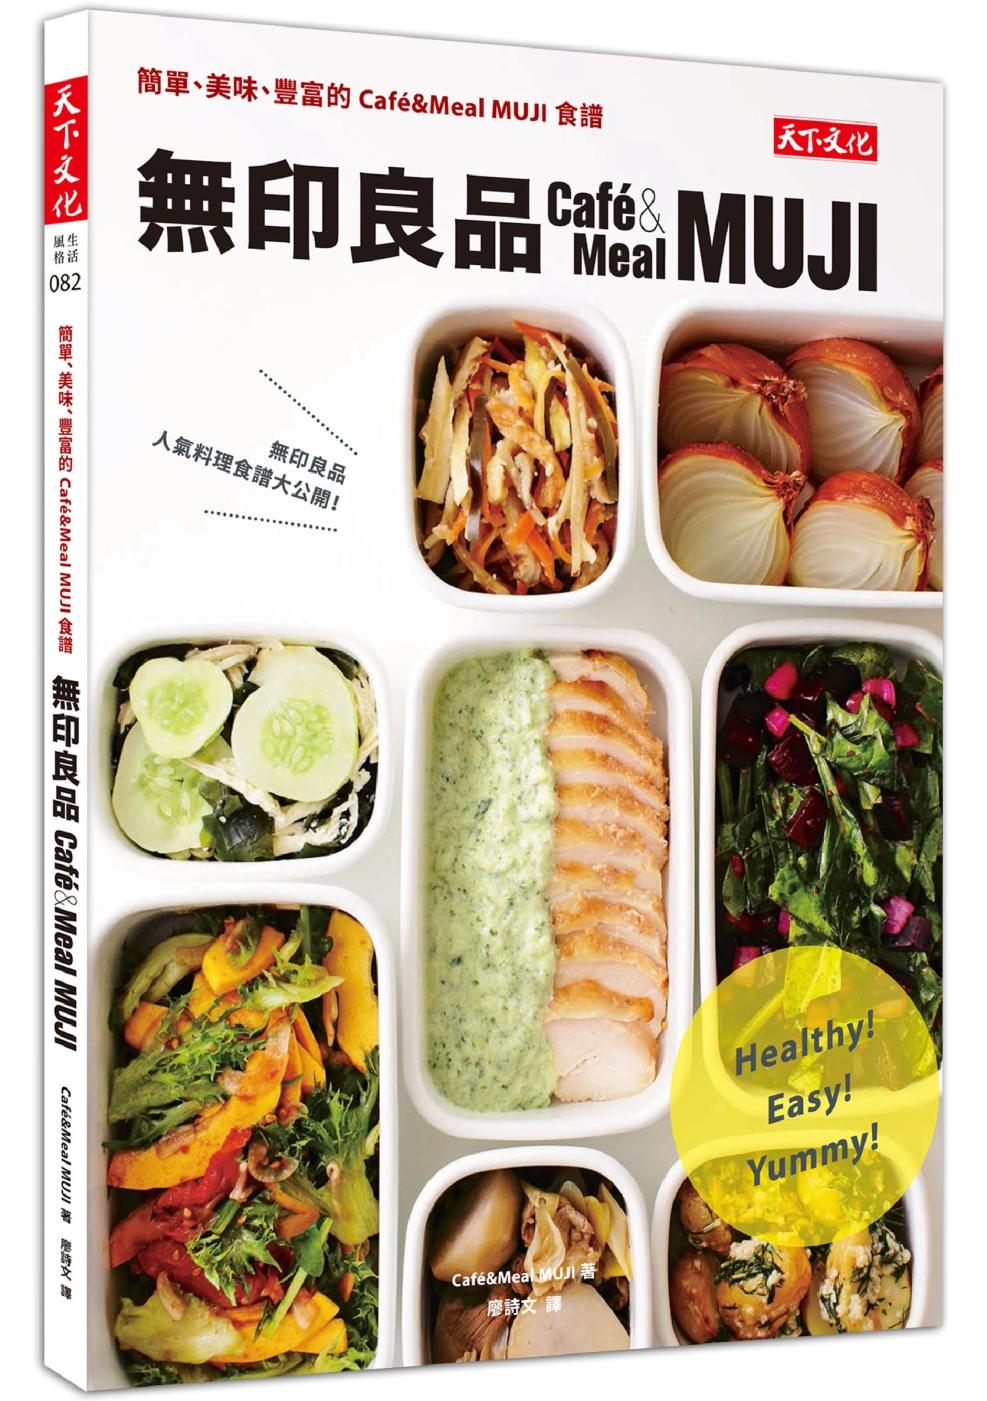 無印良品:簡單、美味、豐富的Café Meal MUJI食譜